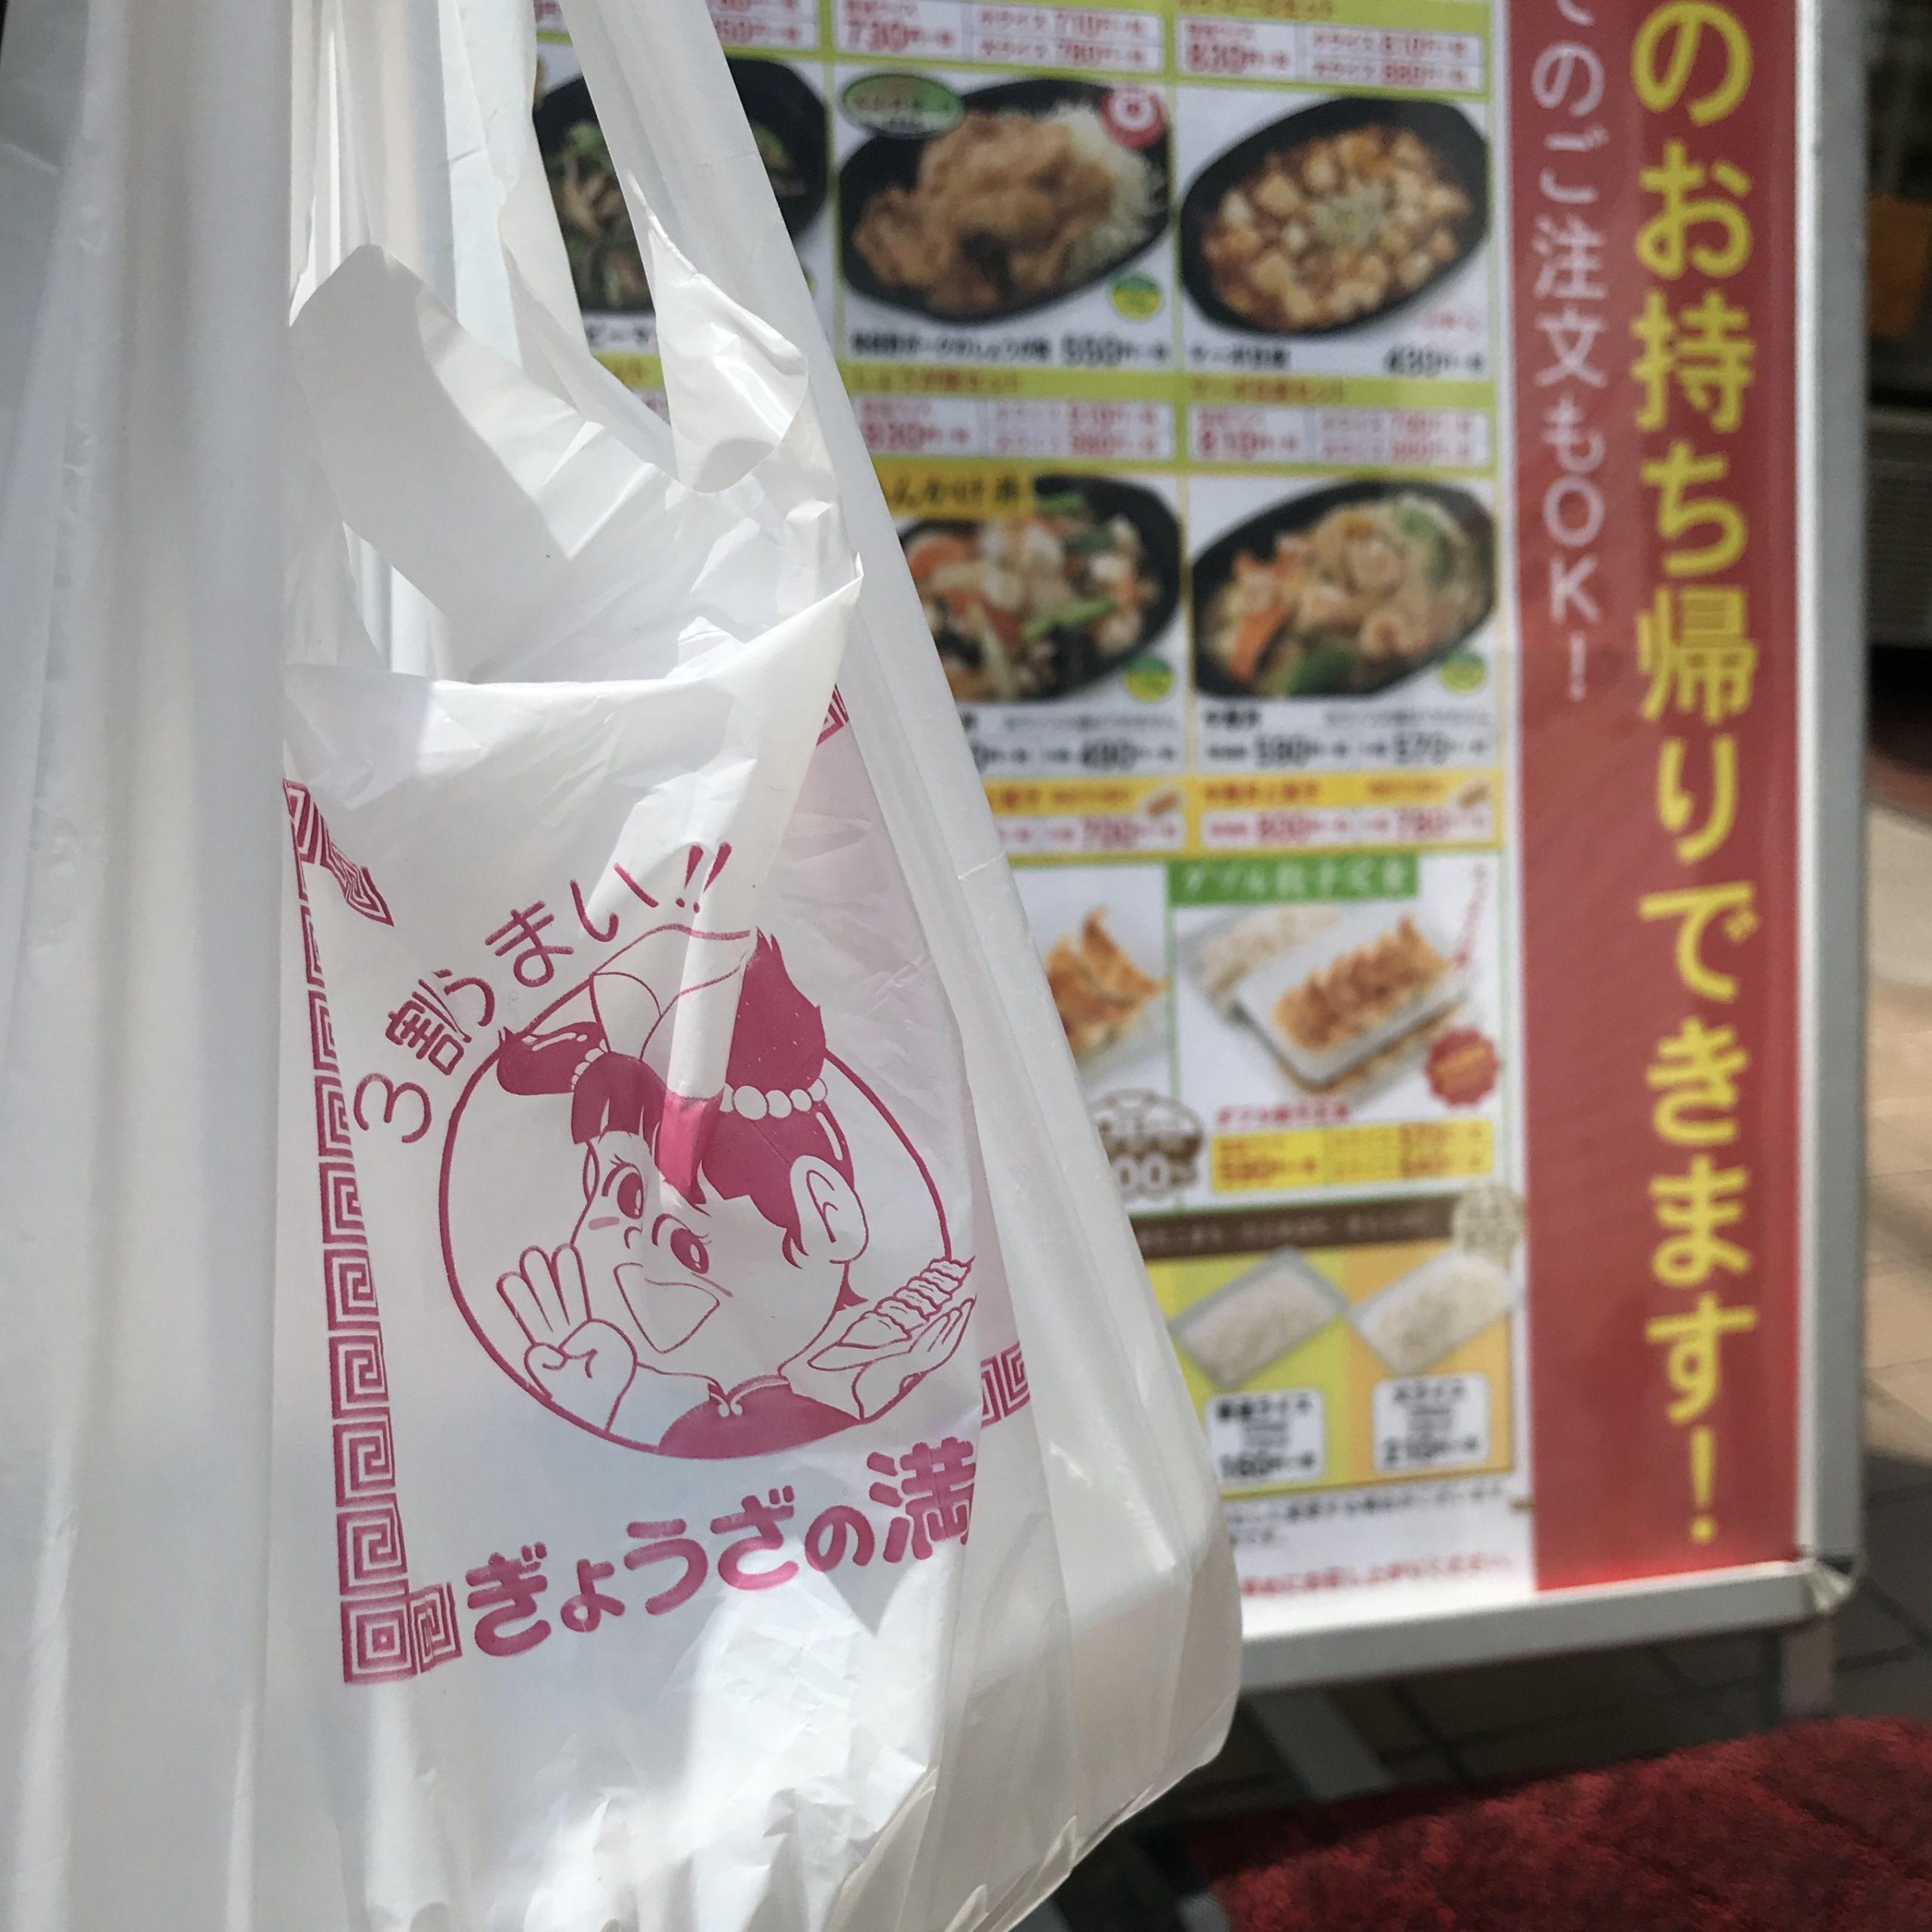 日 特売 満州 餃子